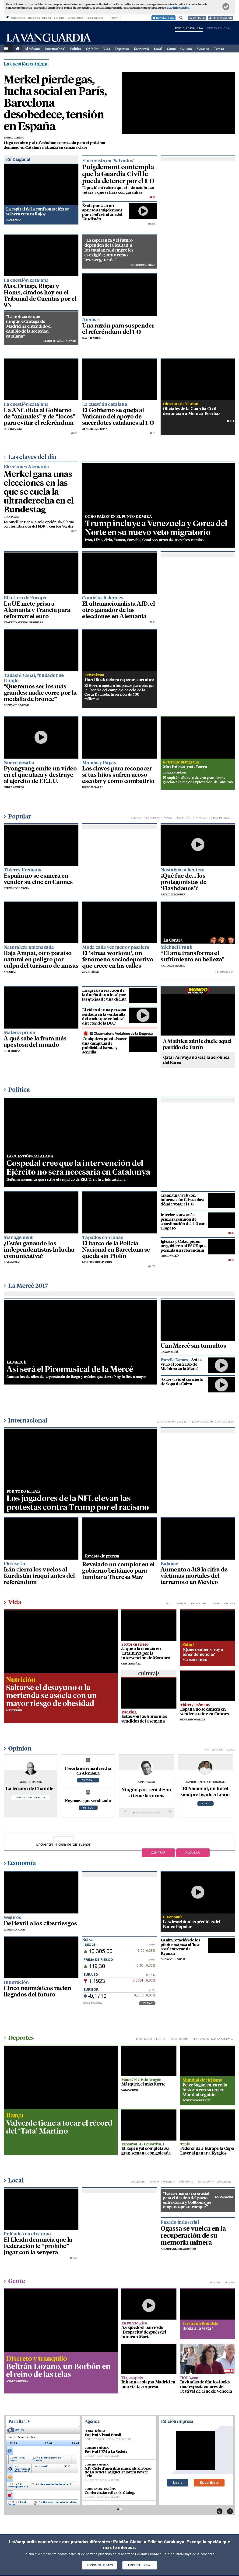 La Vanguardia at Monday Sept. 25, 2017, 6:32 a.m. UTC